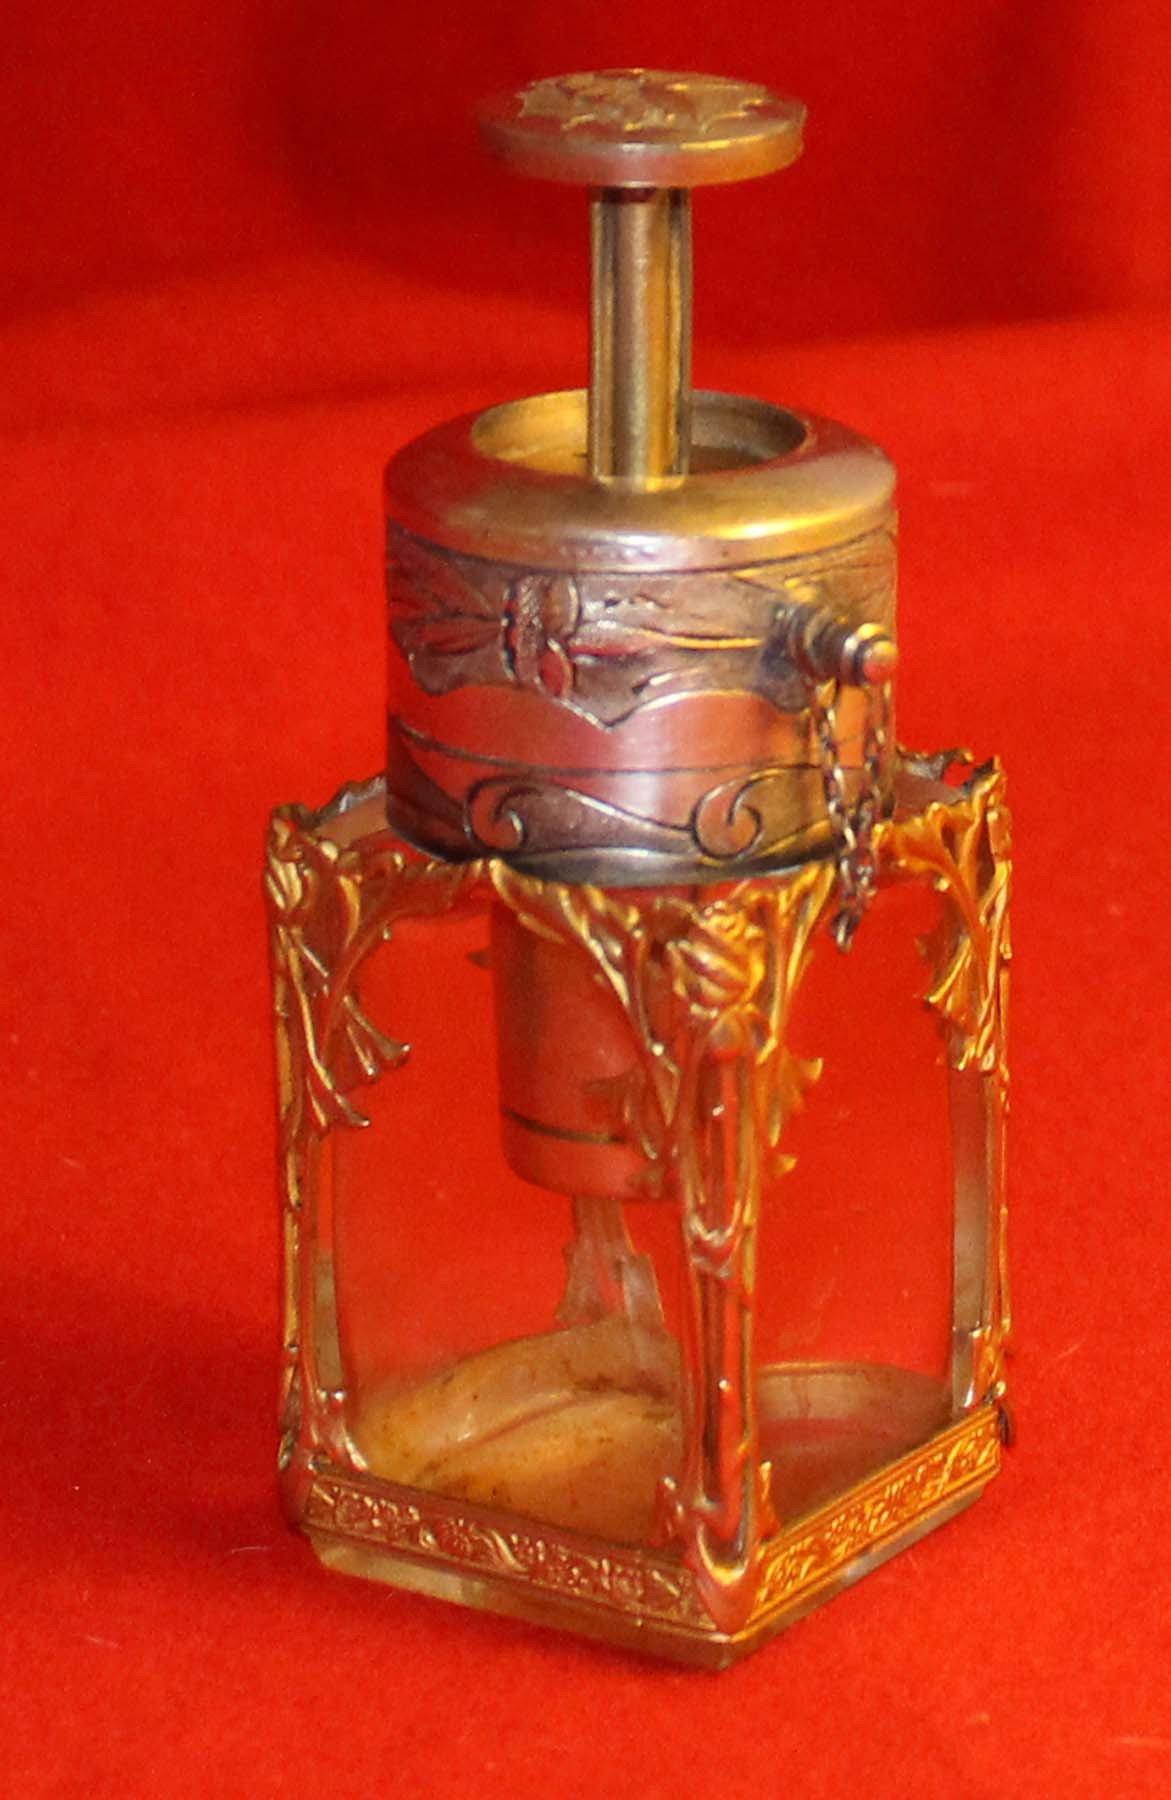 galerie-bosetti-antiquites, vaporisateur art nouveau, vapo levé